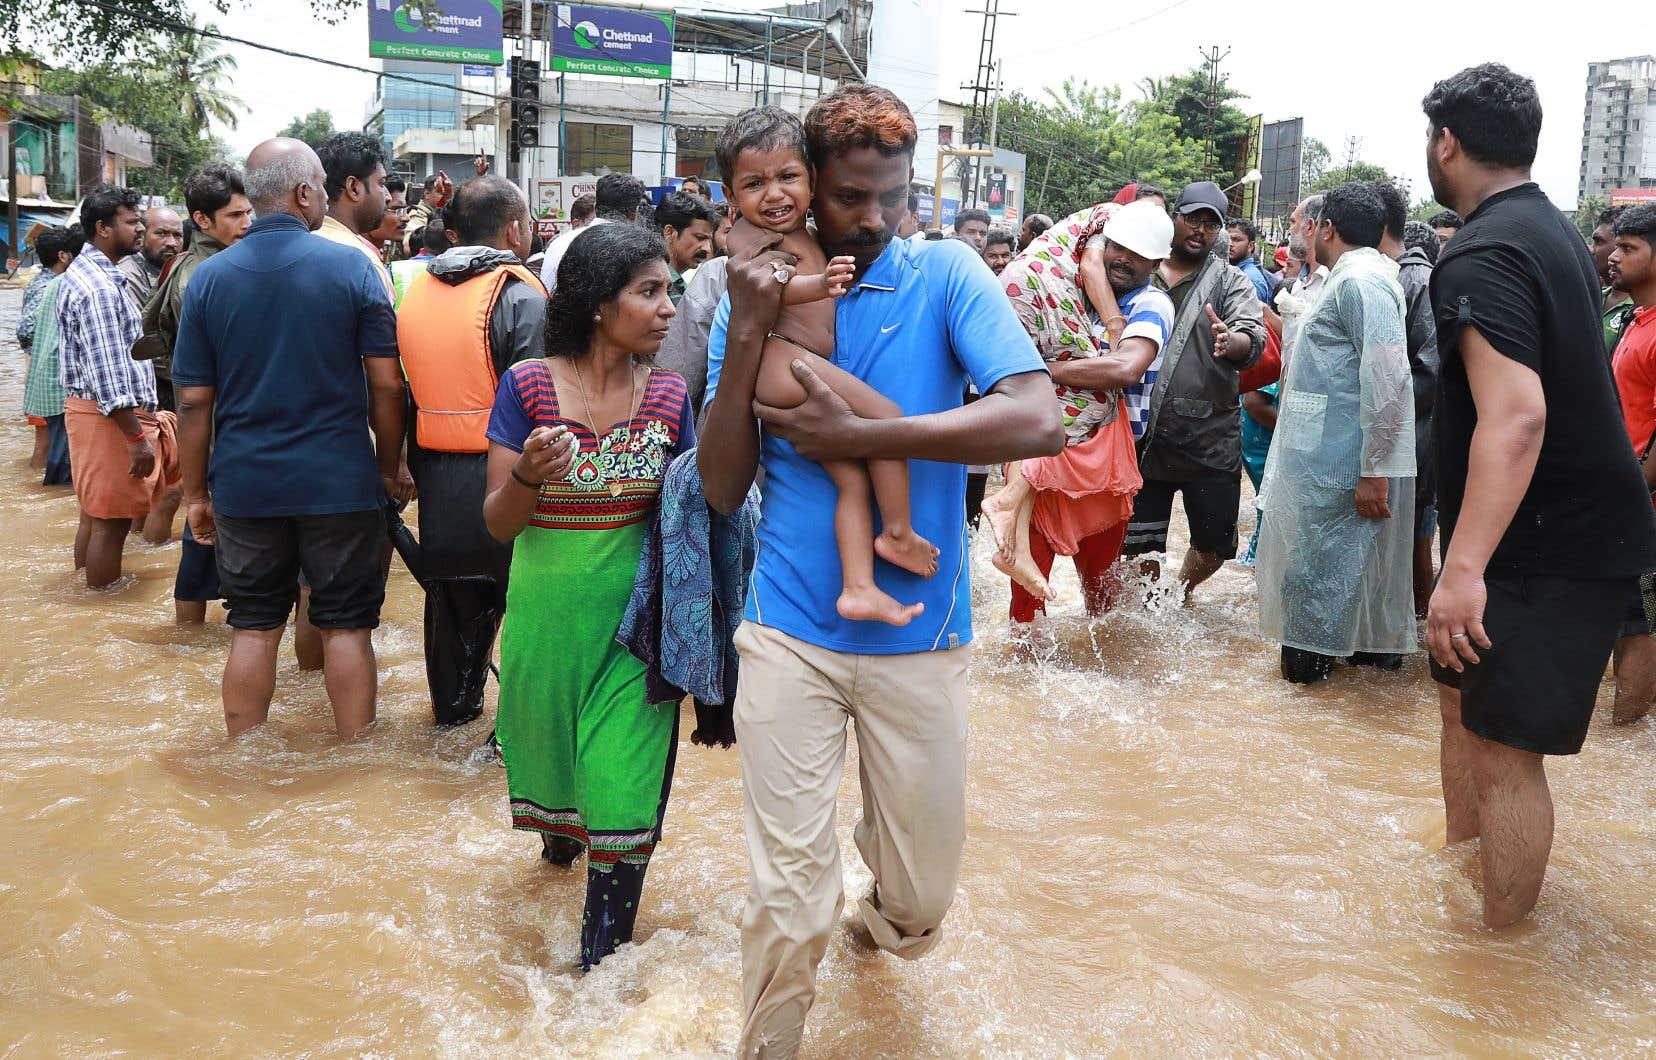 Des secouristes évacuent des résidents d'un quartier d'Aluva, dans l'état indien du Kerala, vendredi.